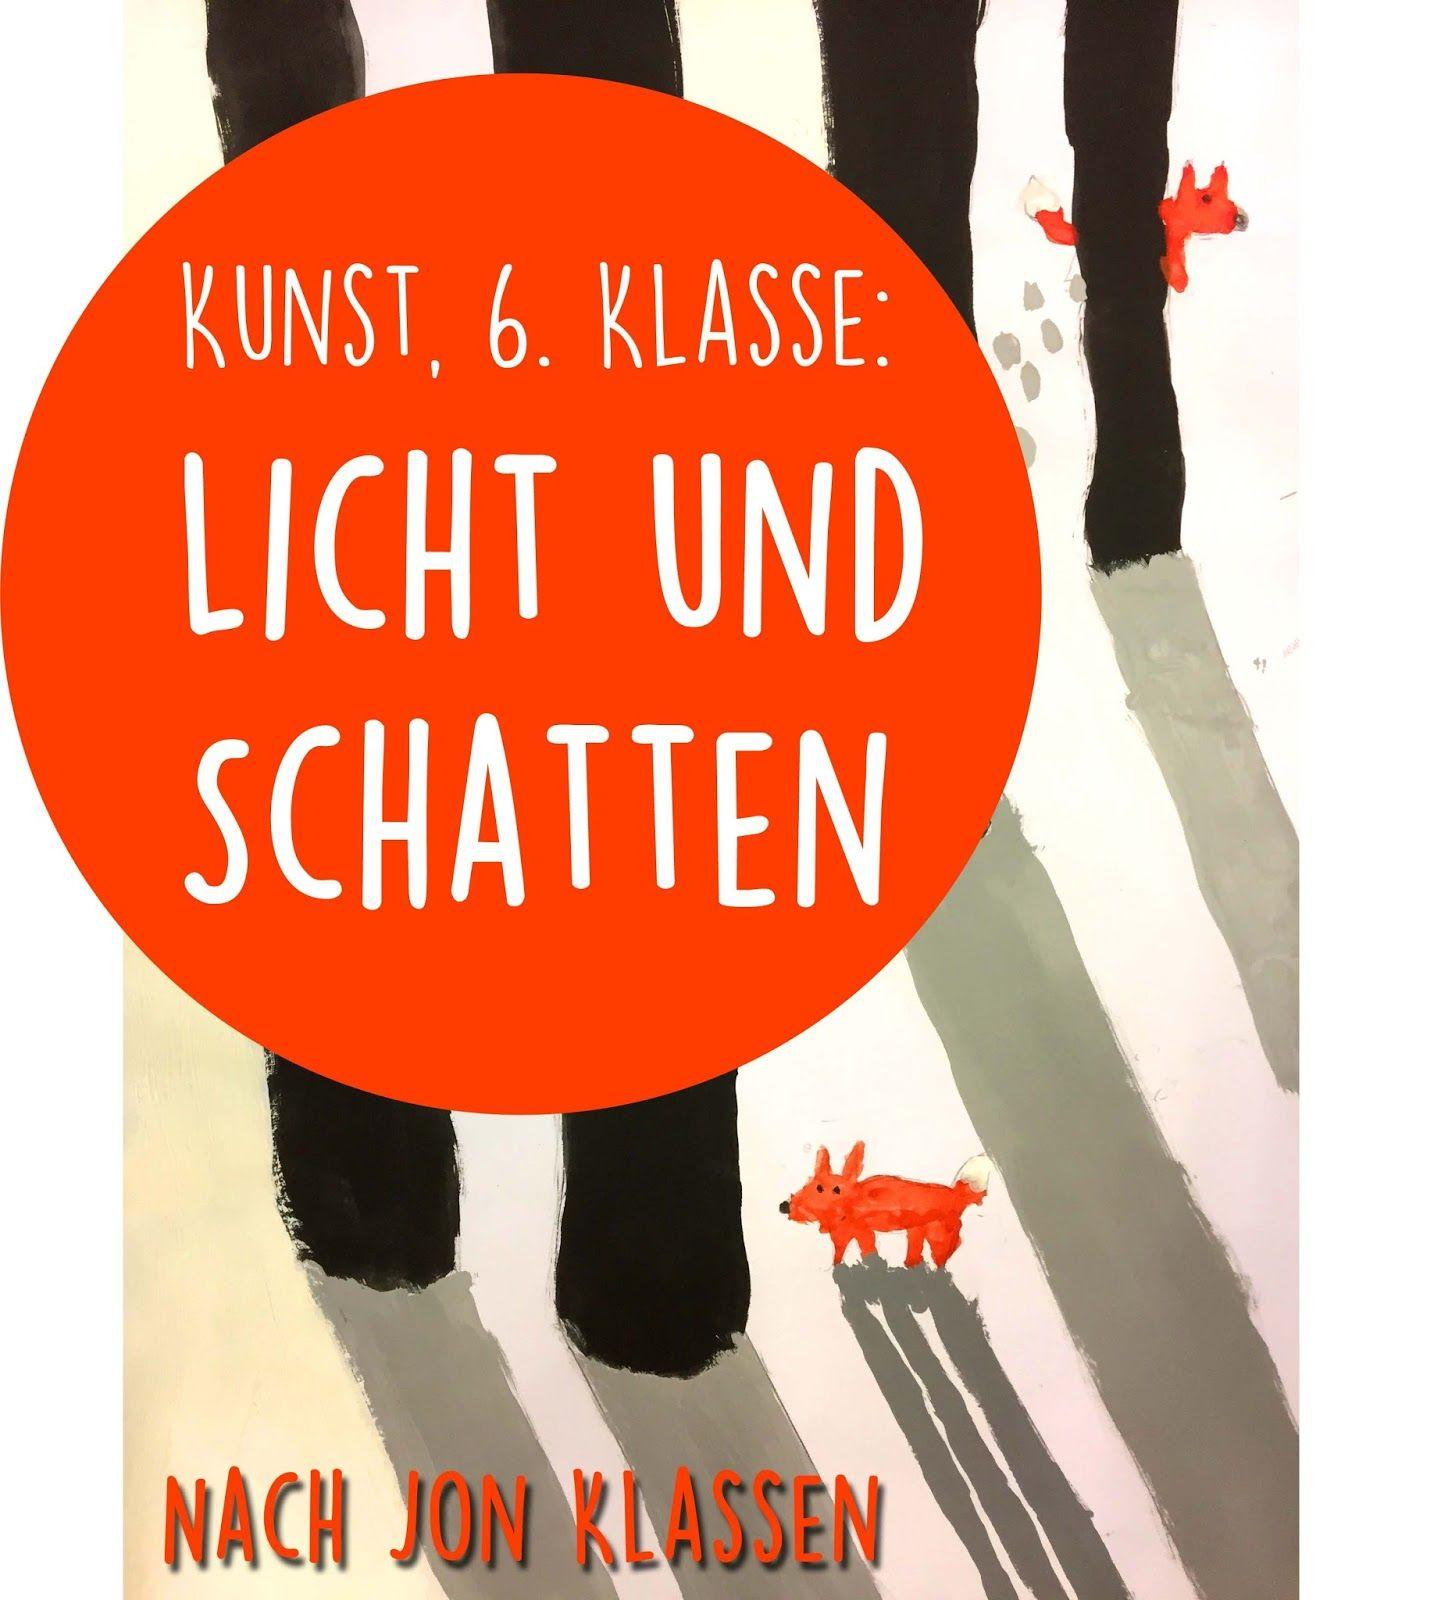 Kunst, 5. / 6. Klasse: Licht und Schatten - nach Jon Klaassen (\